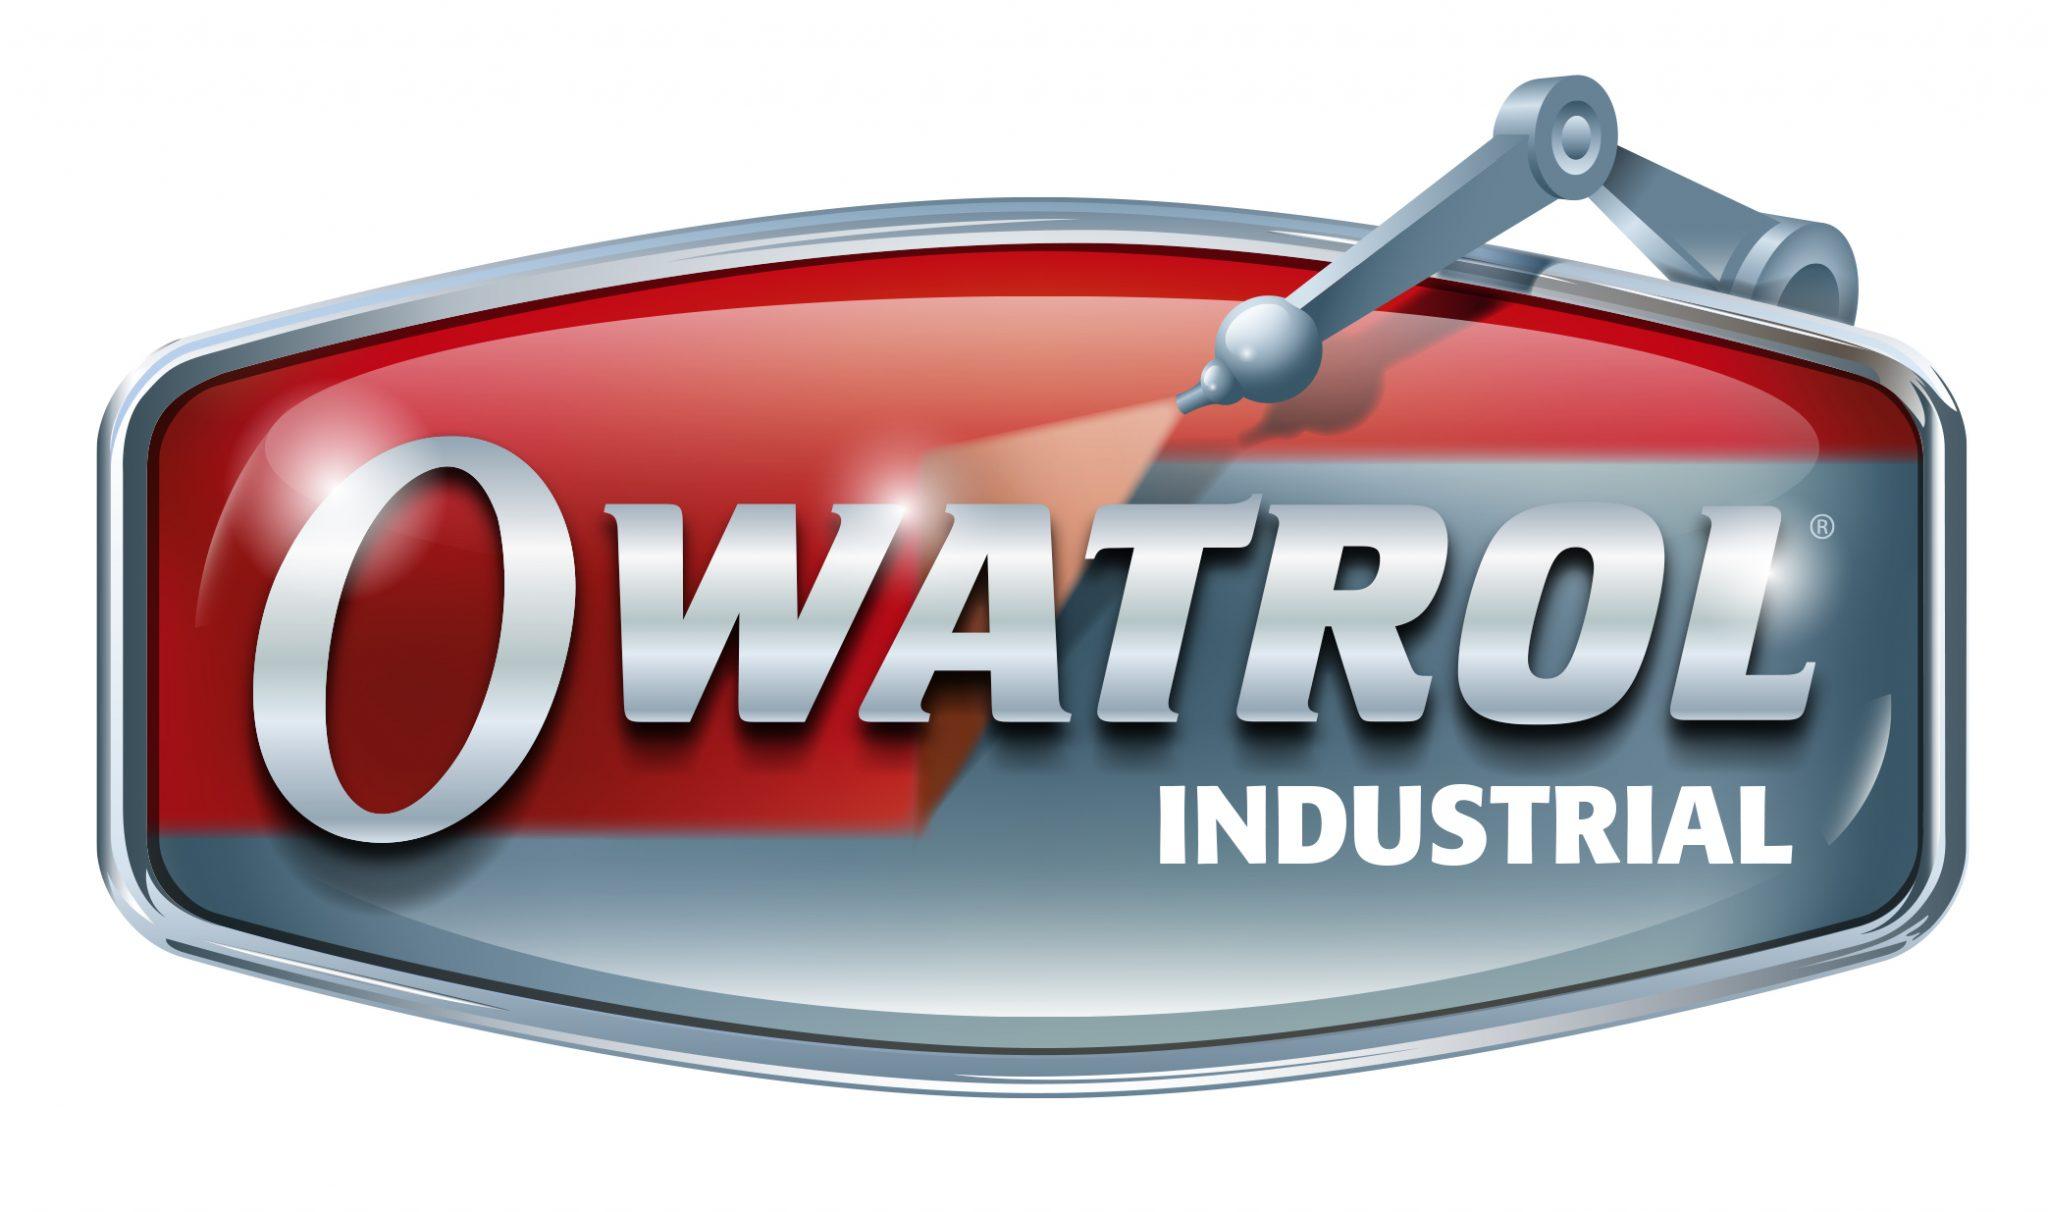 Owatrol Industrial Coatings